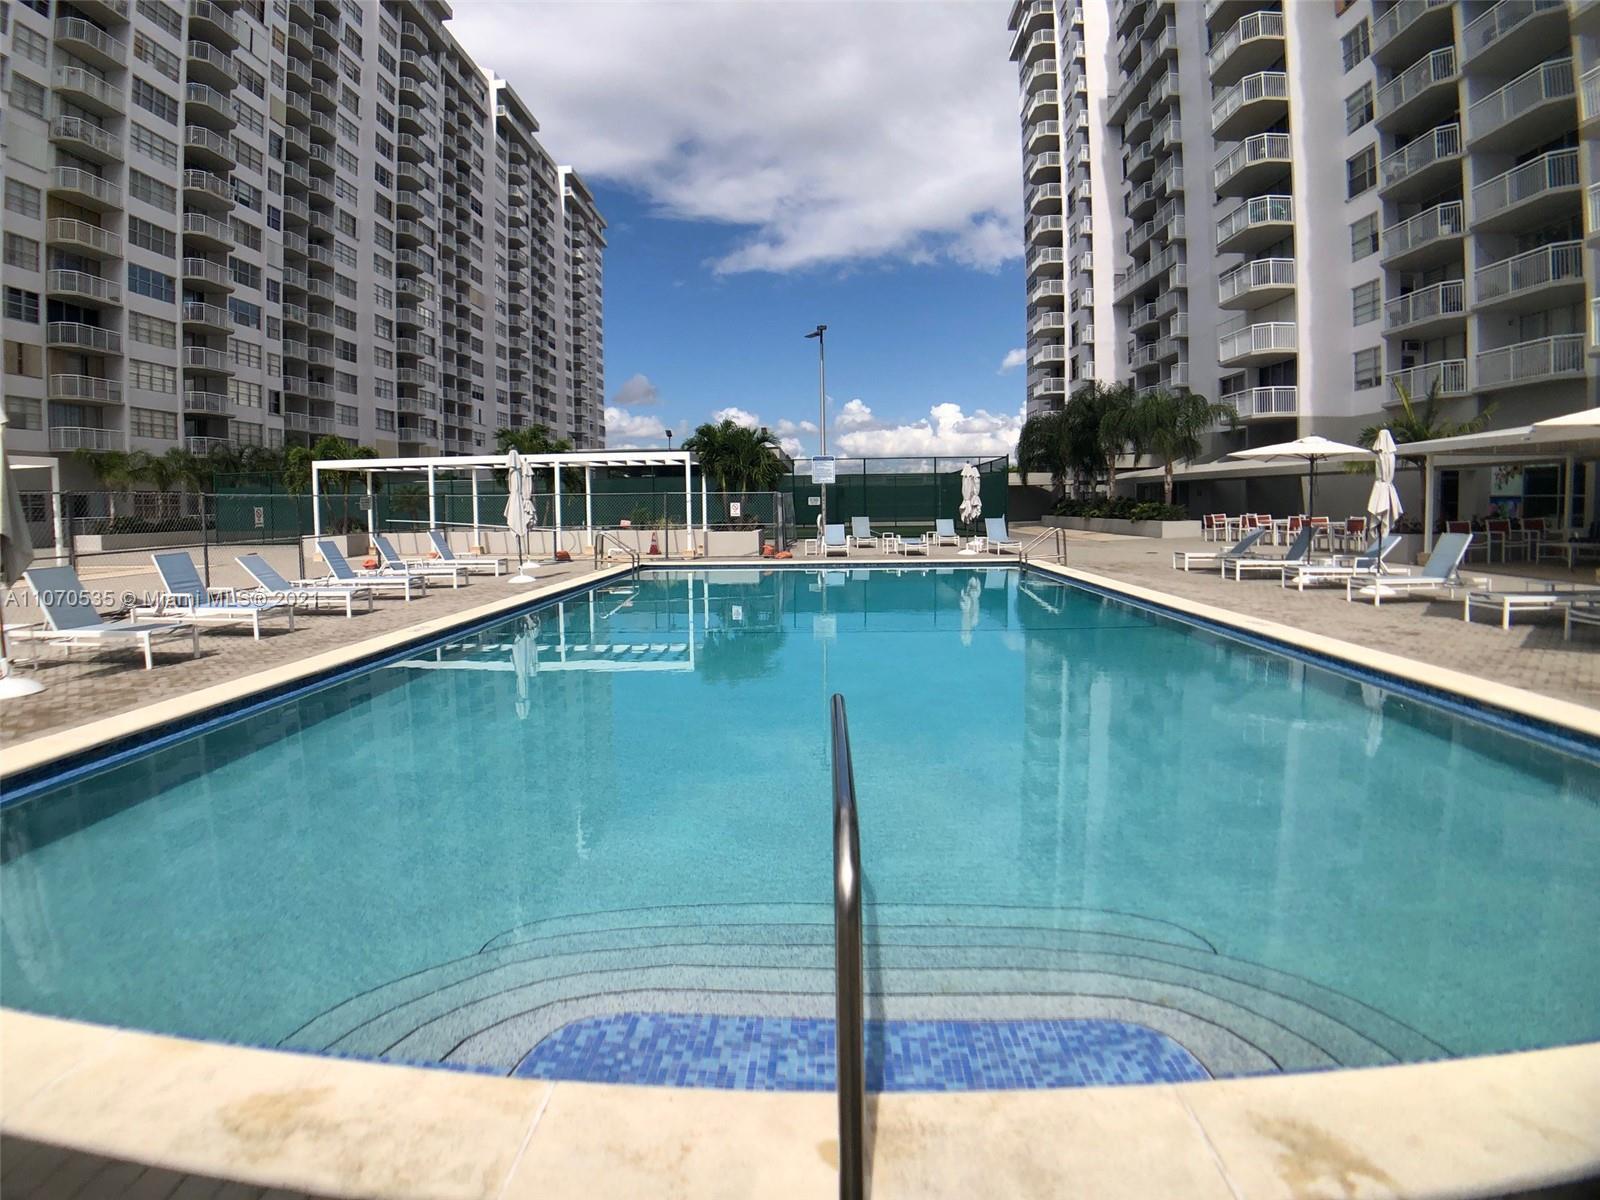 Del Prado #804 - 18071 Biscayne Blvd #804, Aventura, FL 33160